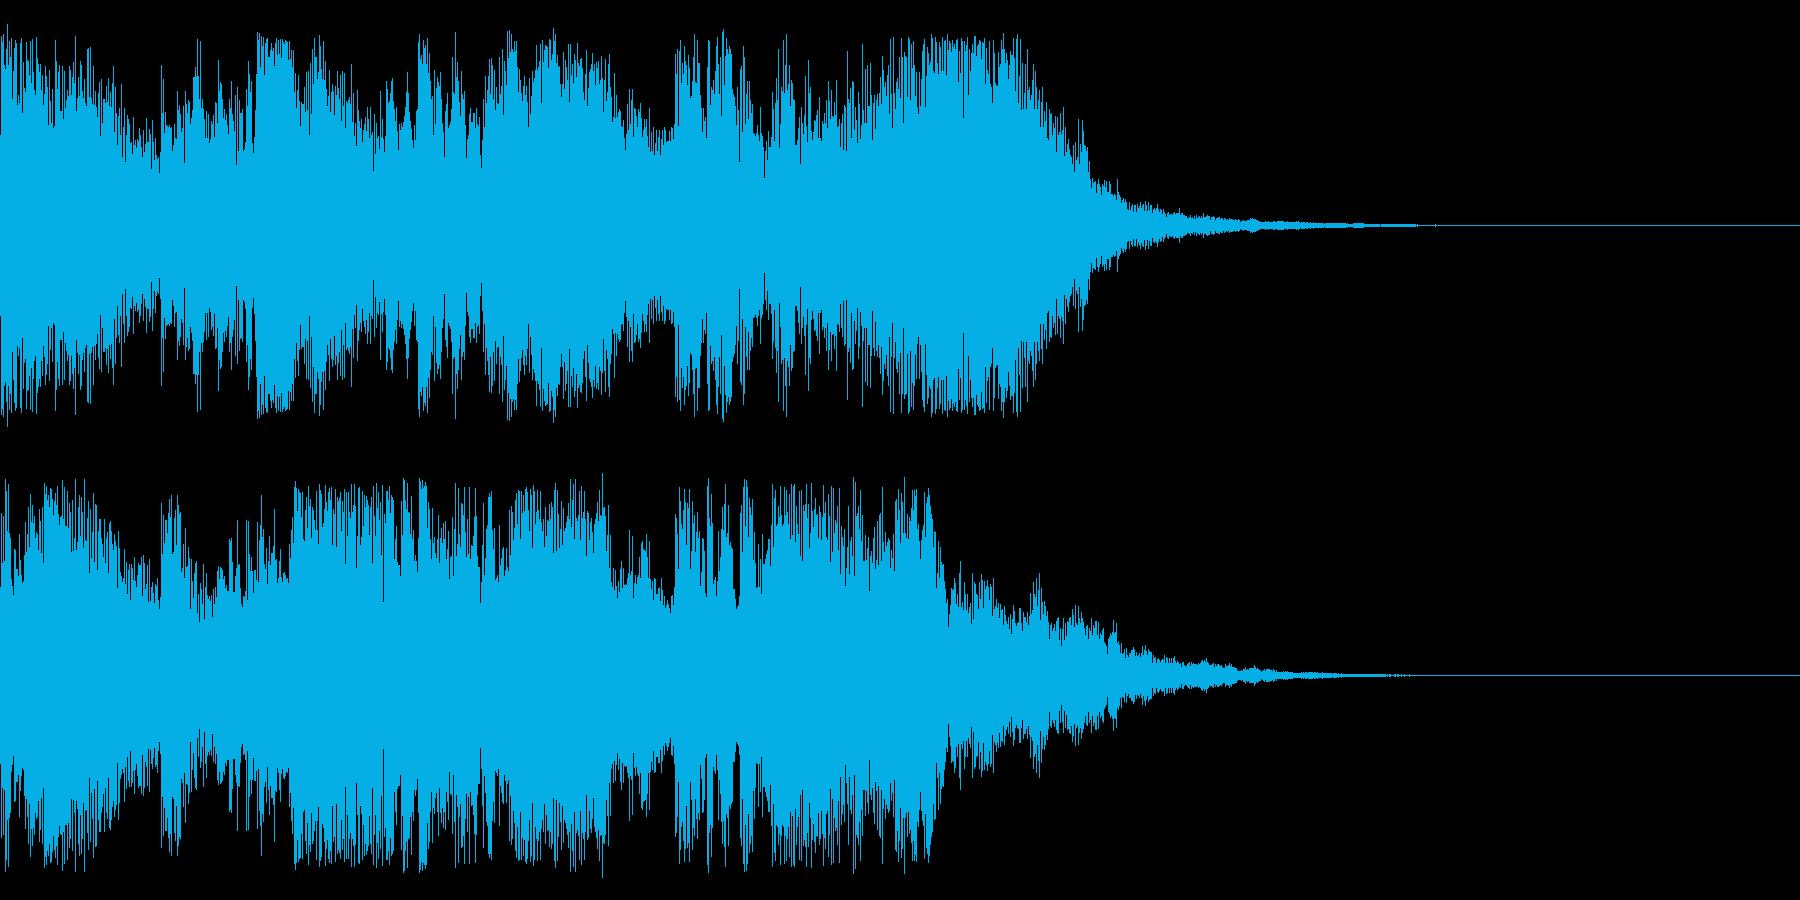 ステータス更新時のサウンドの再生済みの波形